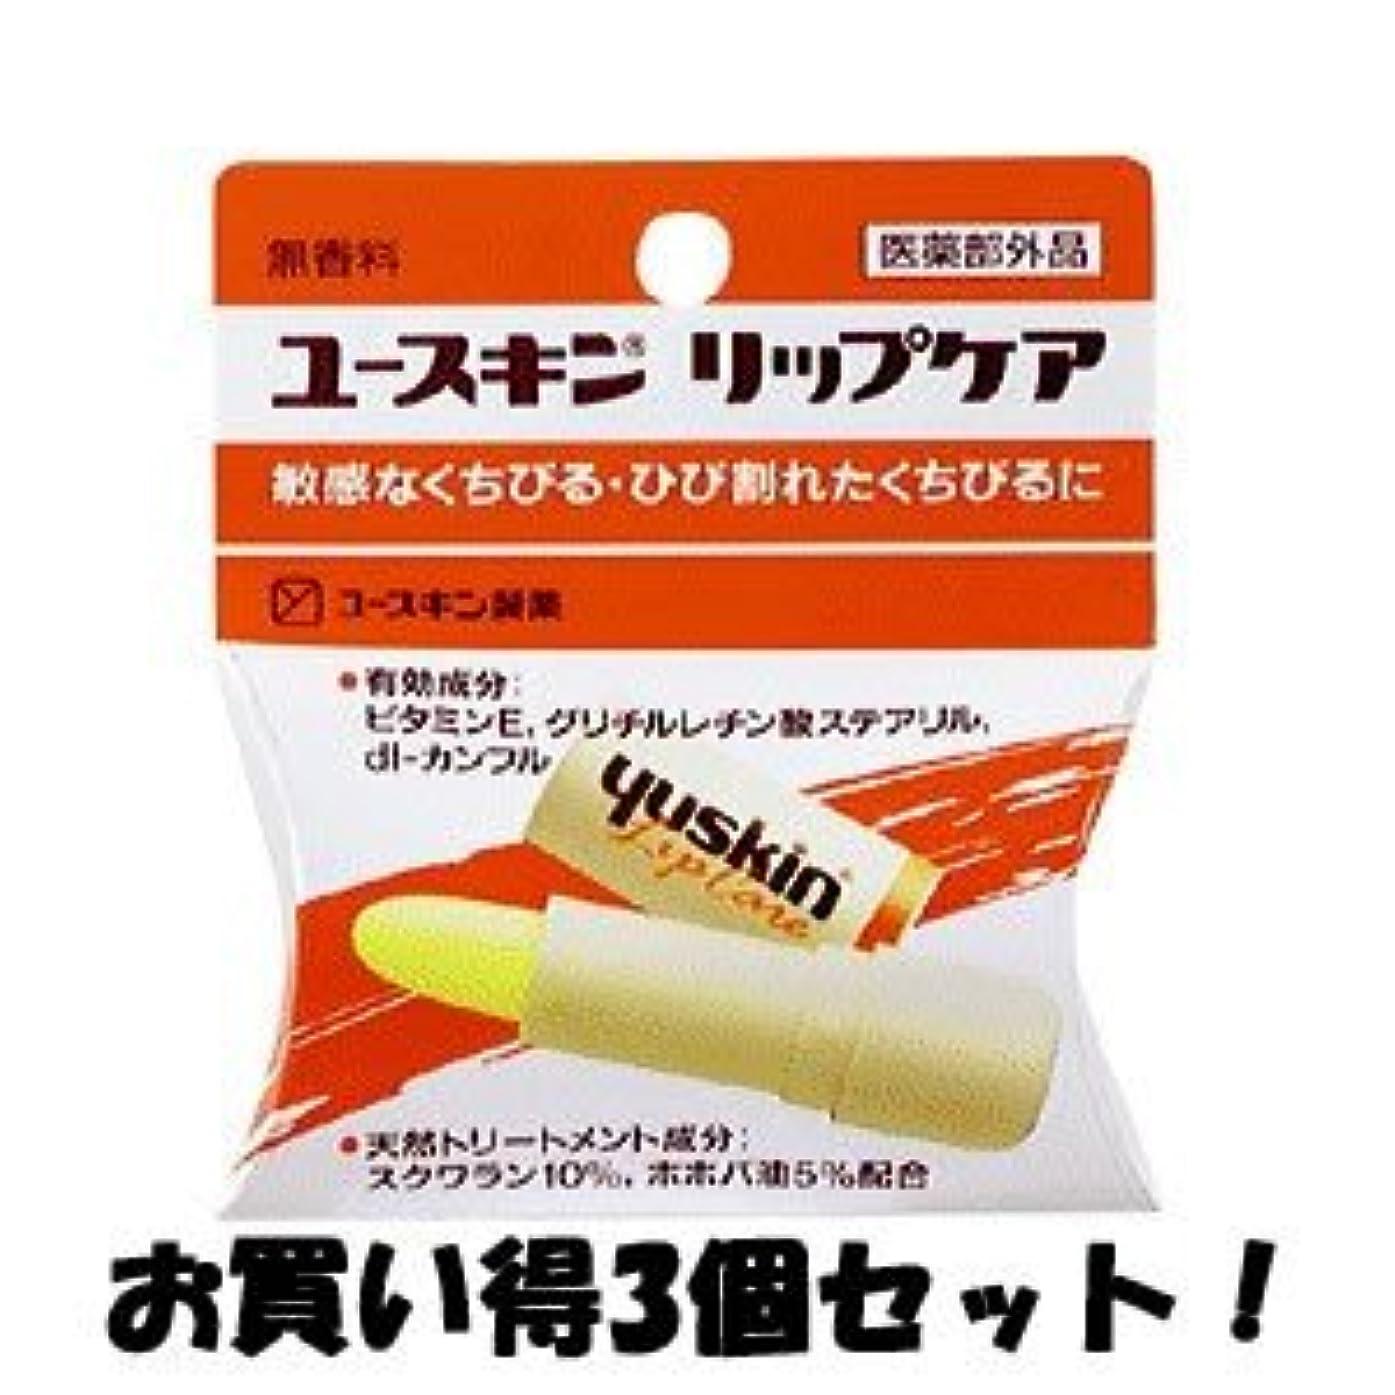 マウントバンク応用一元化する(ユースキン製薬)ユースキン リップケア 3.5g(医薬部外品)(お買い得3個セット)